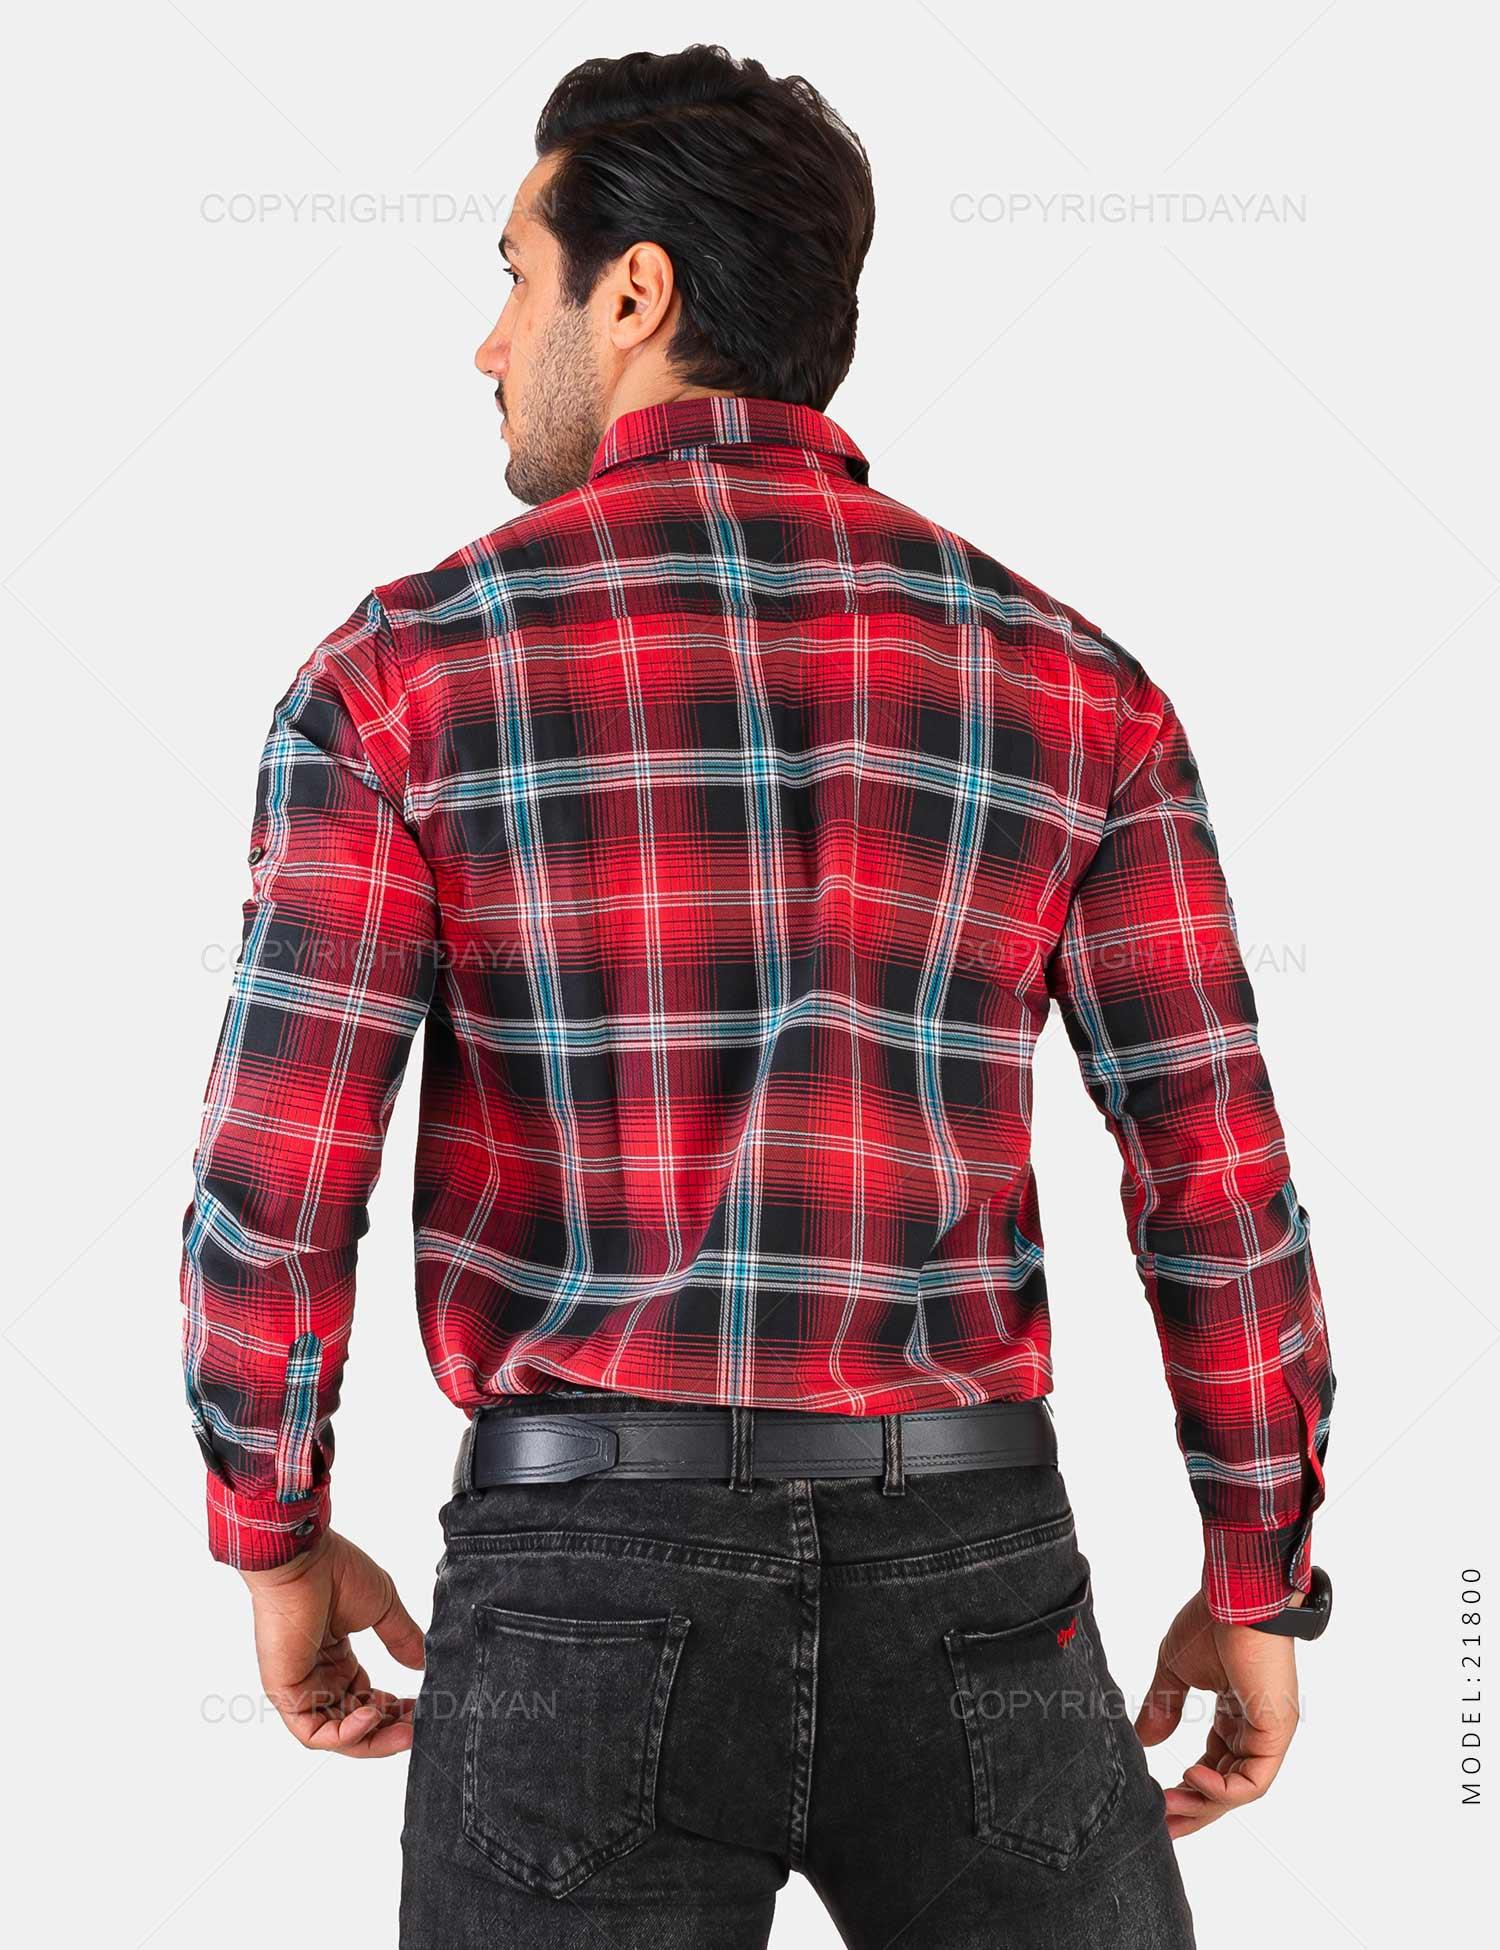 پیراهن مردانه Carlo مدل 21800 پیراهن مردانه Carlo مدل 21800 149,000 تومان